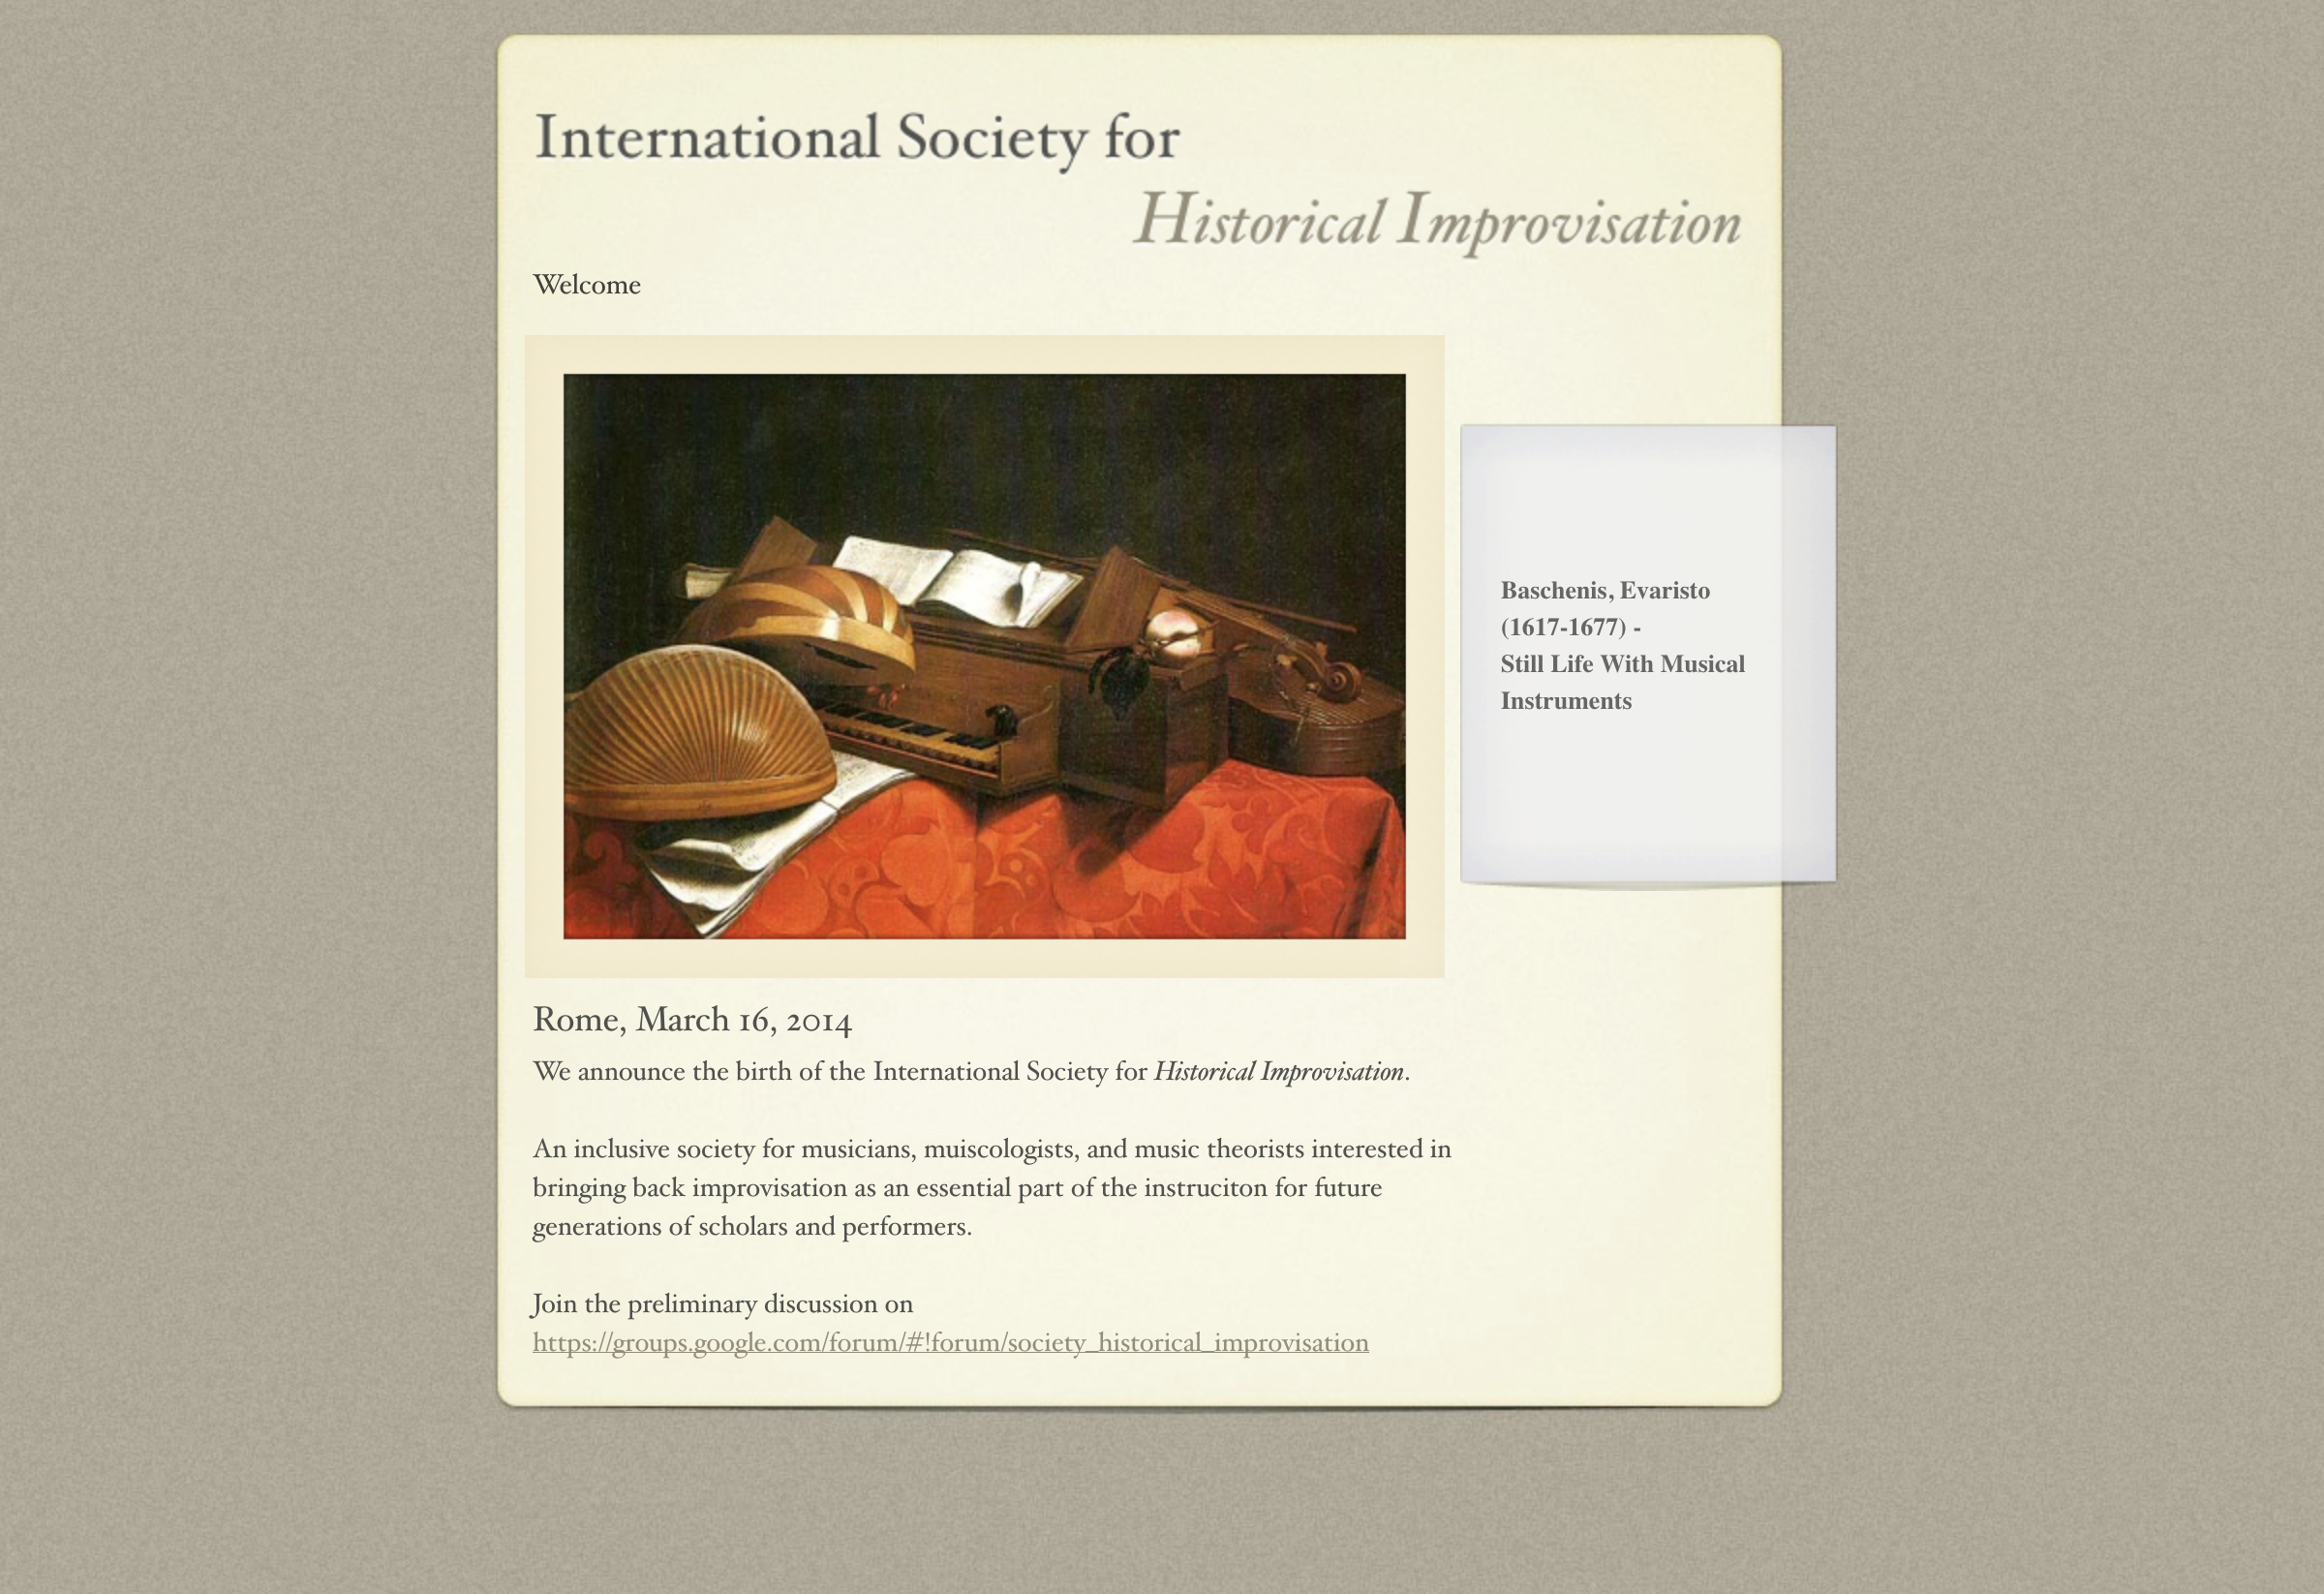 International Society for Historical Improvisation